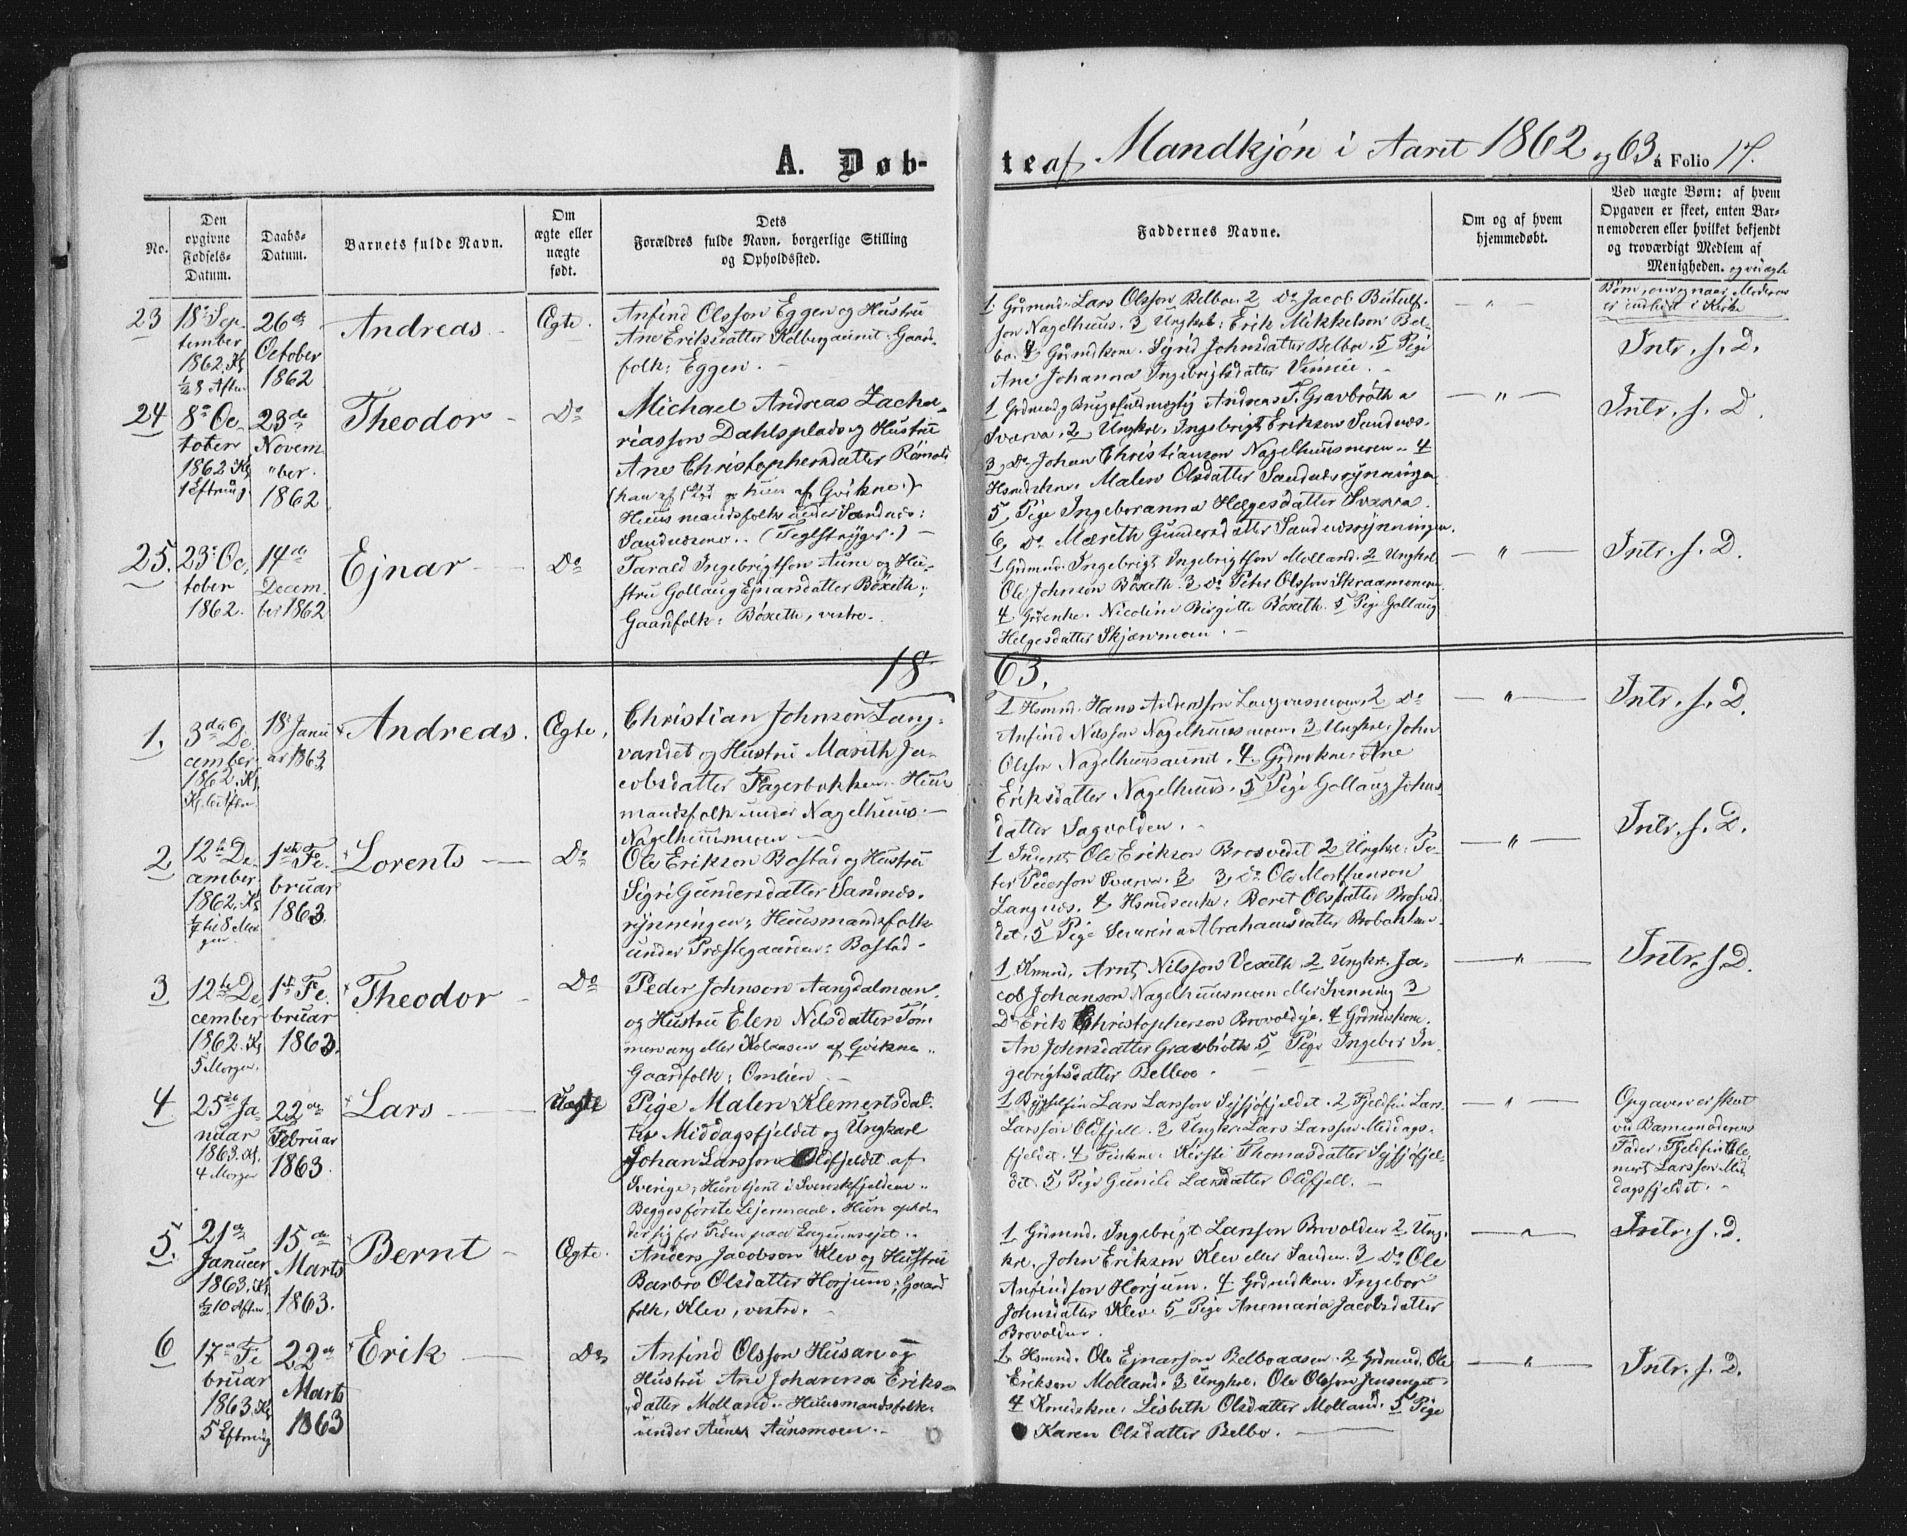 SAT, Ministerialprotokoller, klokkerbøker og fødselsregistre - Nord-Trøndelag, 749/L0472: Ministerialbok nr. 749A06, 1857-1873, s. 17